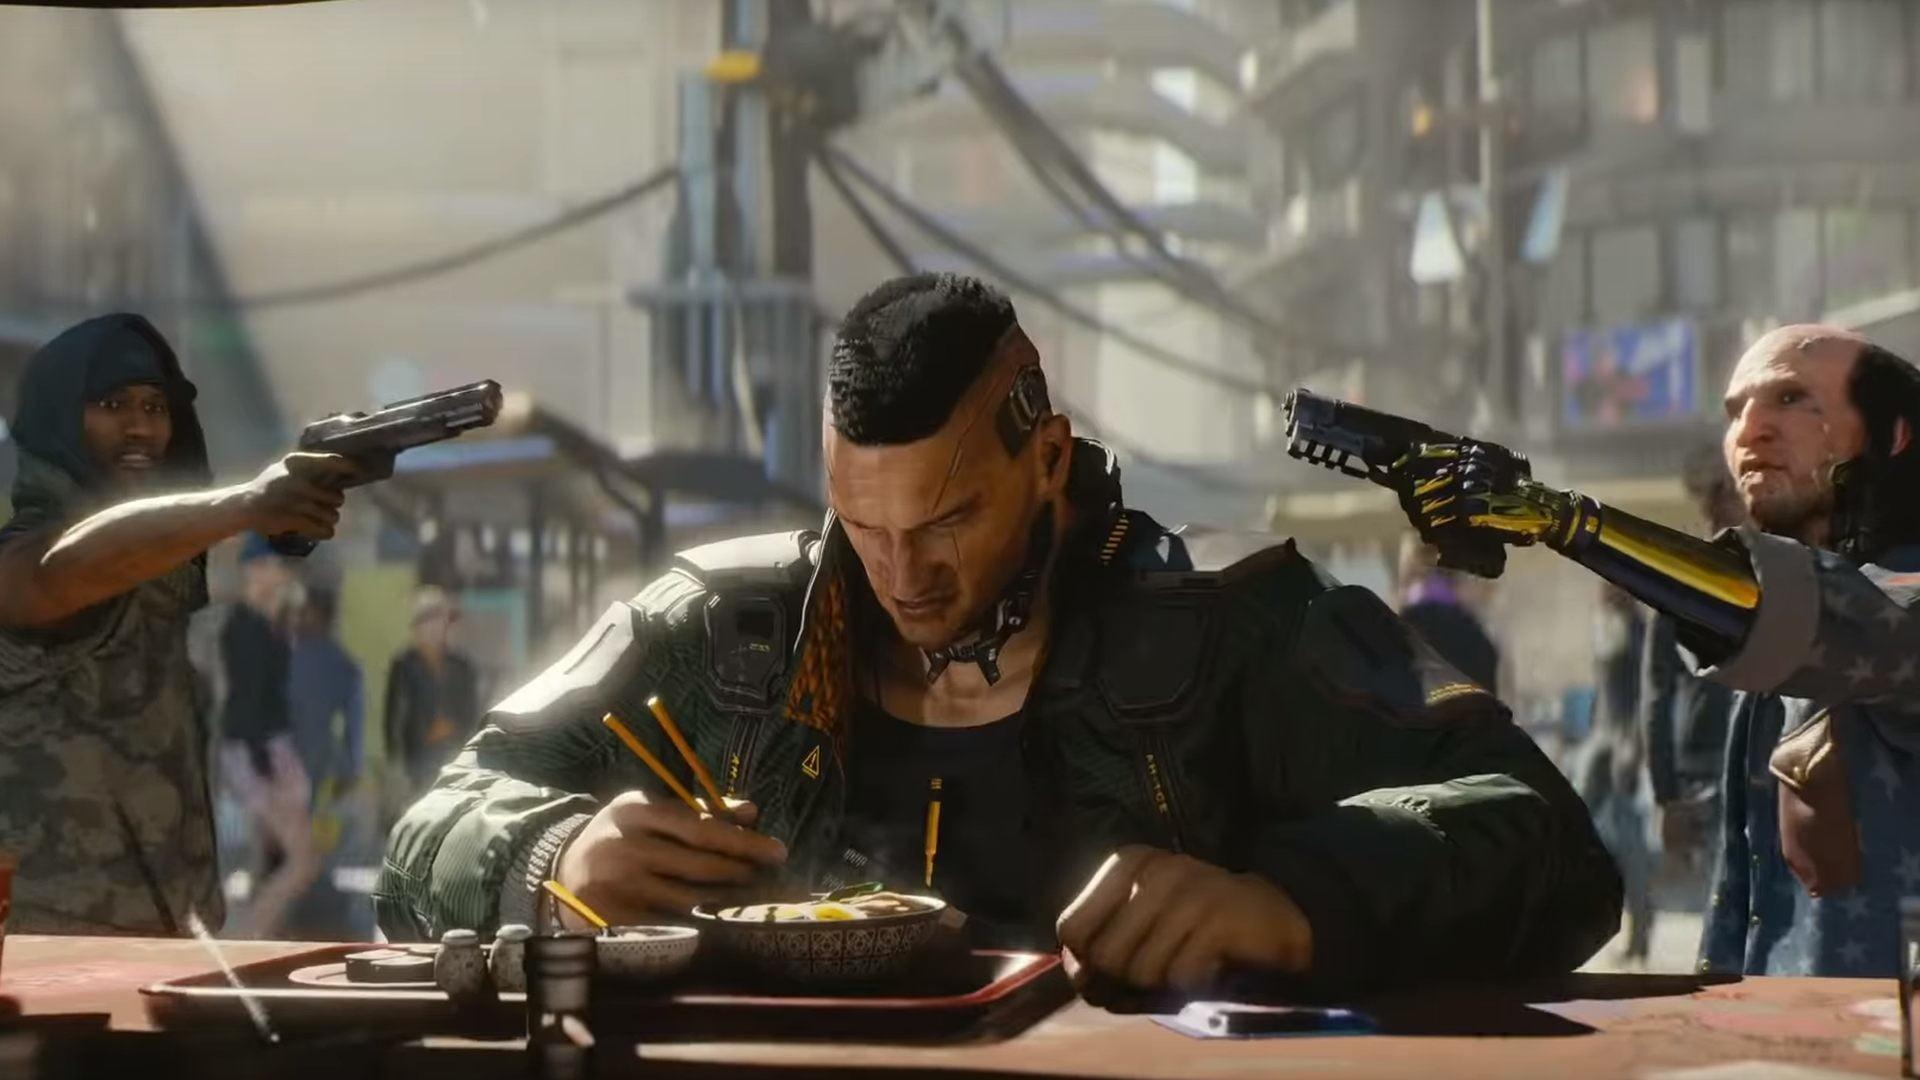 Cyberpunk 2077 laat je je meest agressieve fantasieën uitvoeren